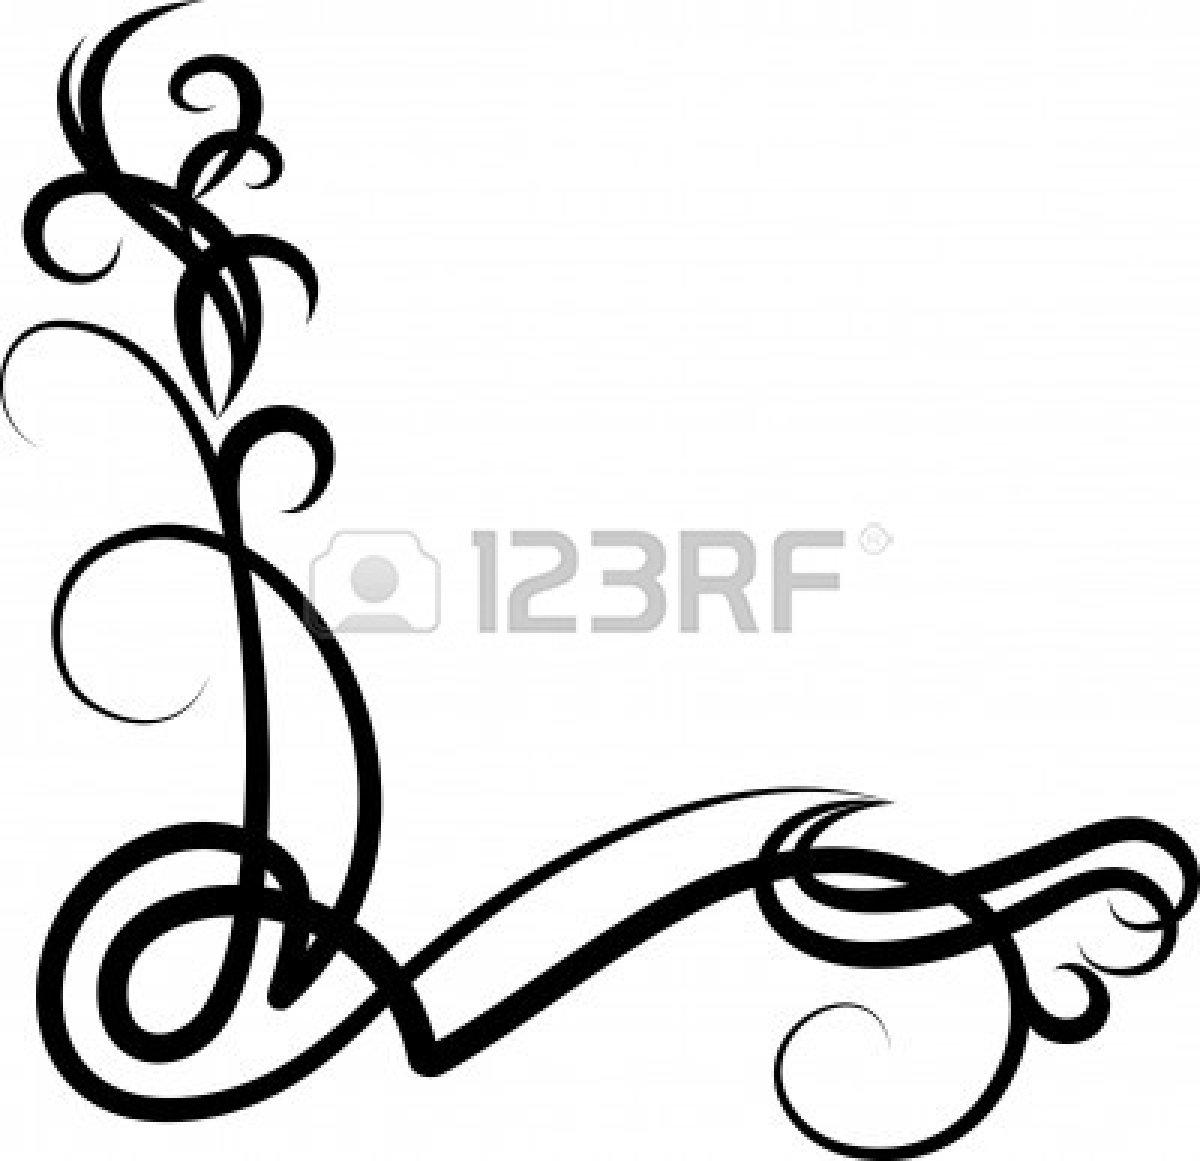 Decoration clipart decorative scrolling Clipart Clipart Images Corner Clip